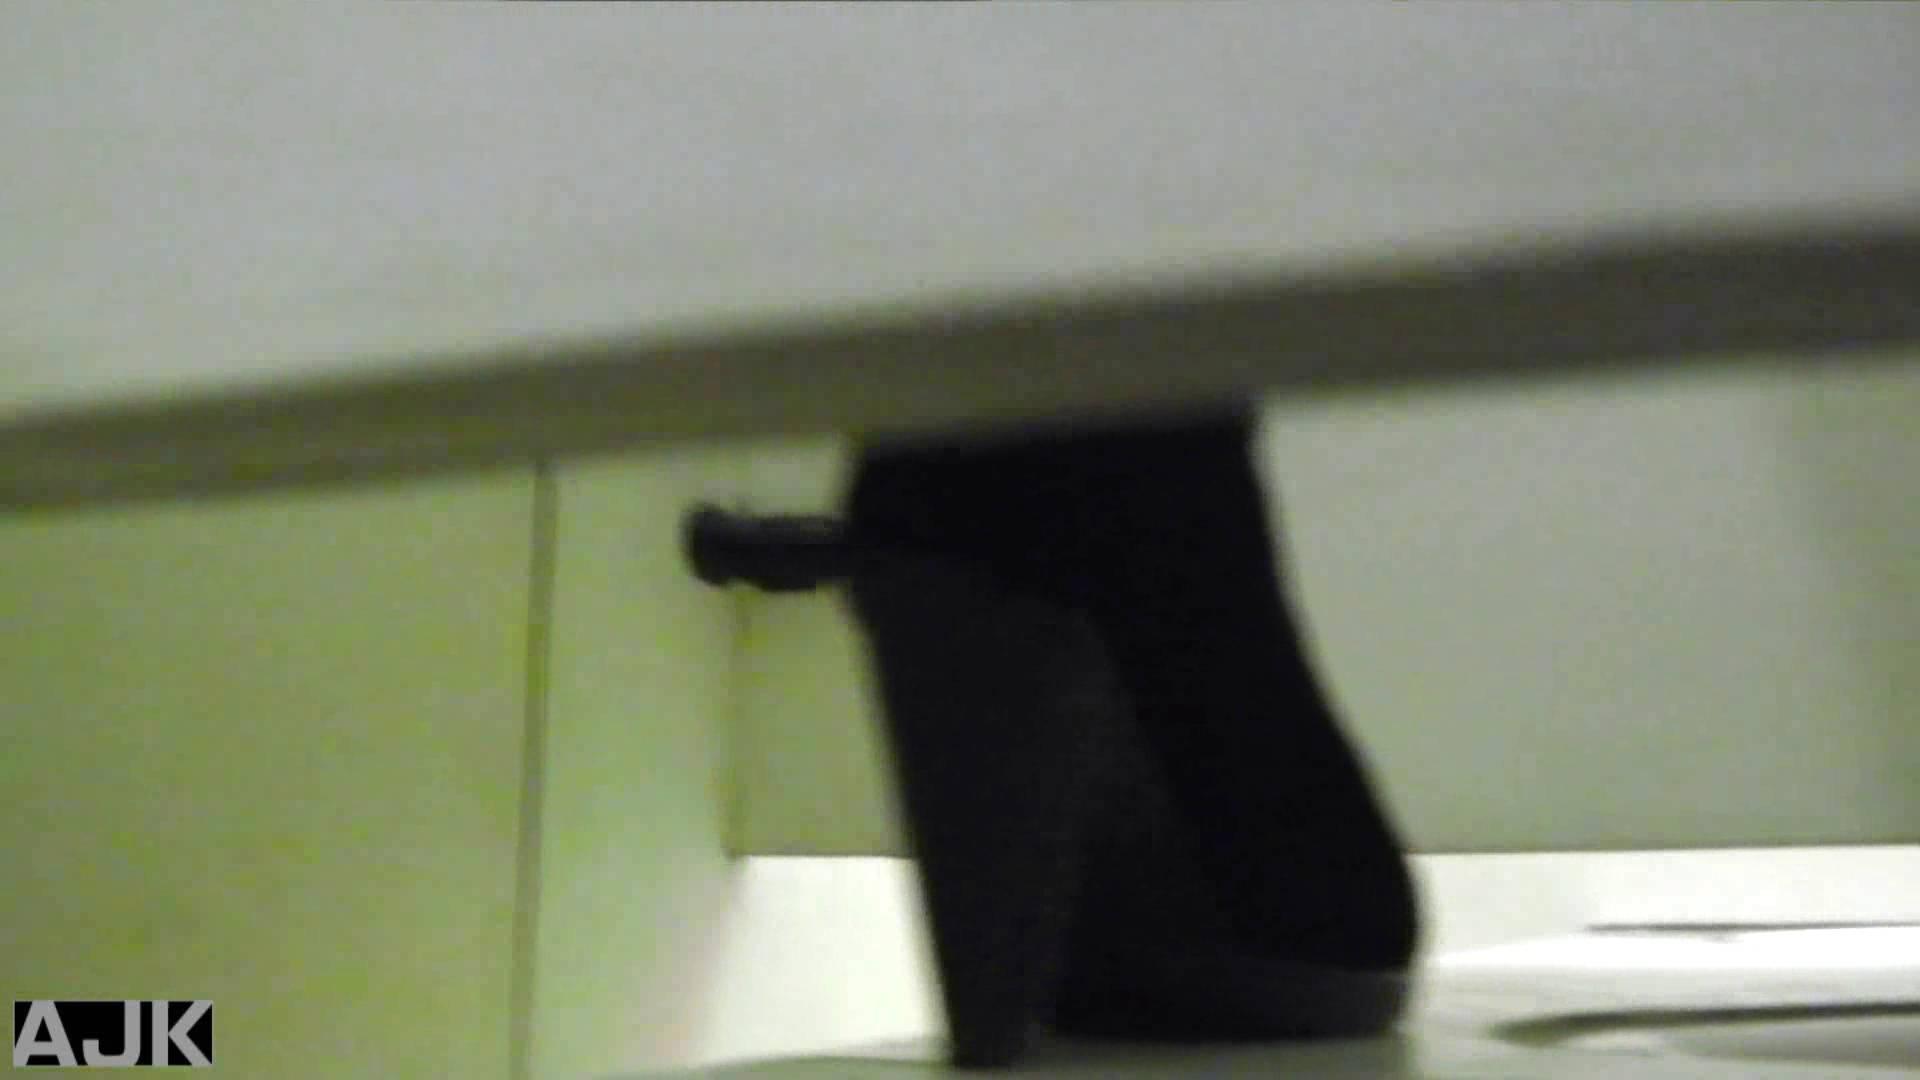 隣国上階級エリアの令嬢たちが集うデパートお手洗い Vol.30 お手洗い  68PIX 8